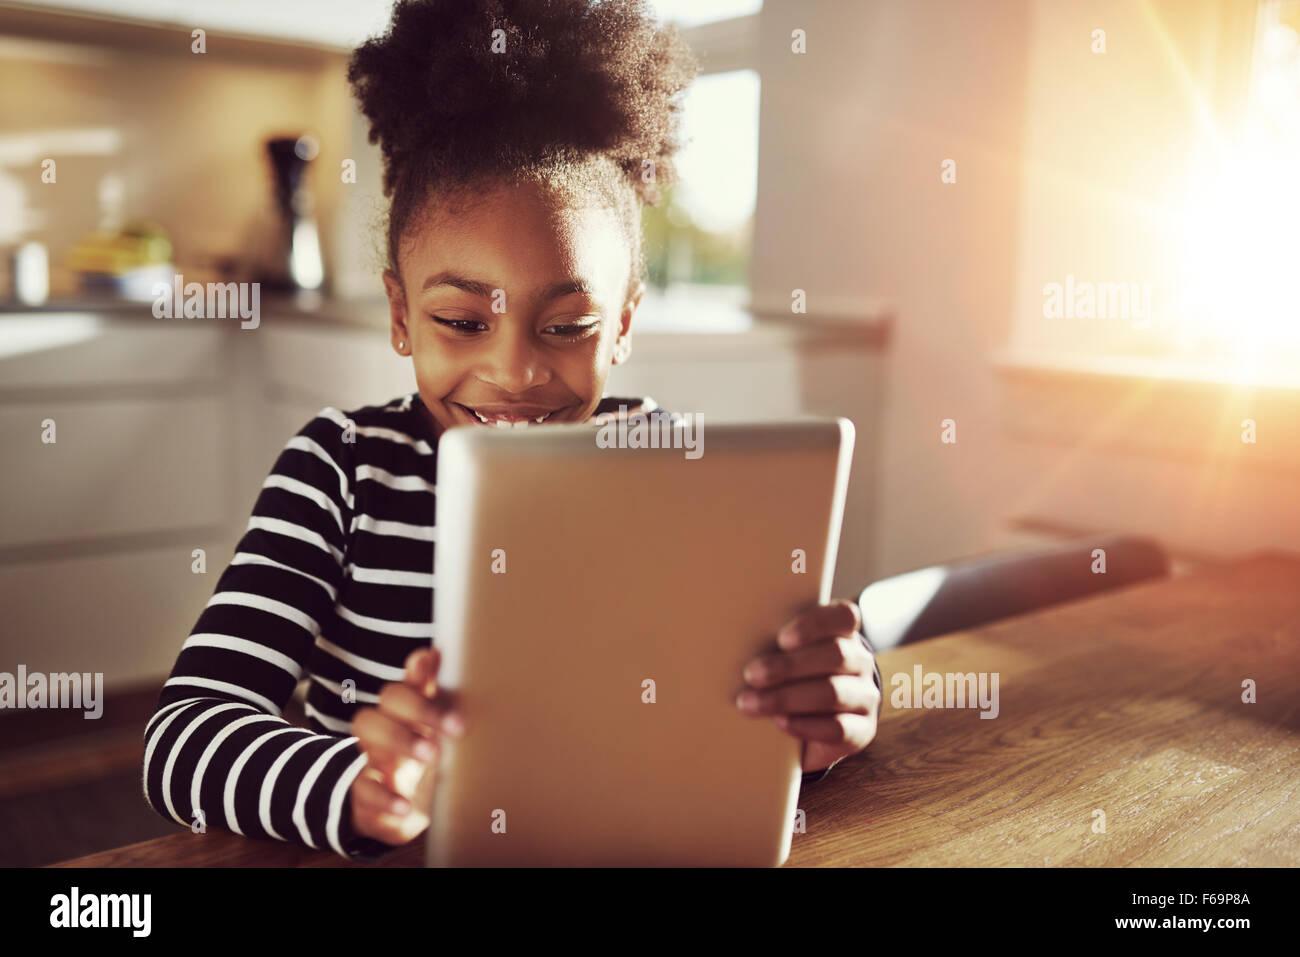 Piccolo felice di etnia nero ragazza seduti a casa in cucina la lettura su un computer tablet grinning con piacere, Immagini Stock